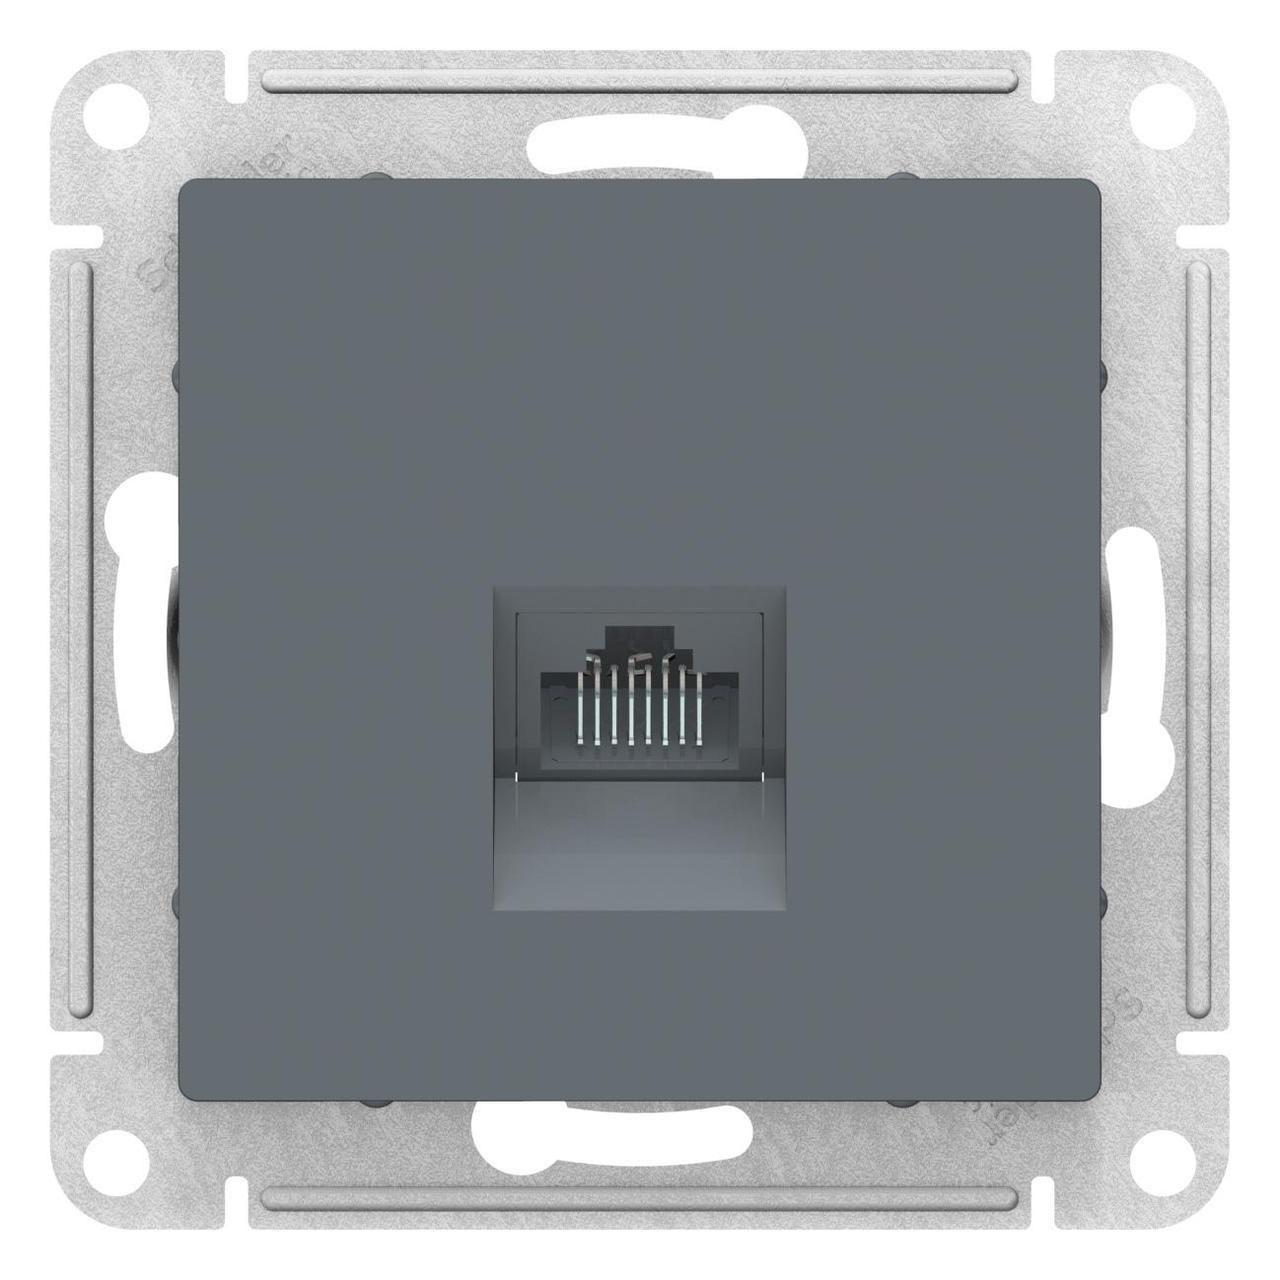 Розетка компьютерная 1-ая кат.5е, RJ-45 (интернет) , Грифель, серия Atlas Design, Schneider Electric